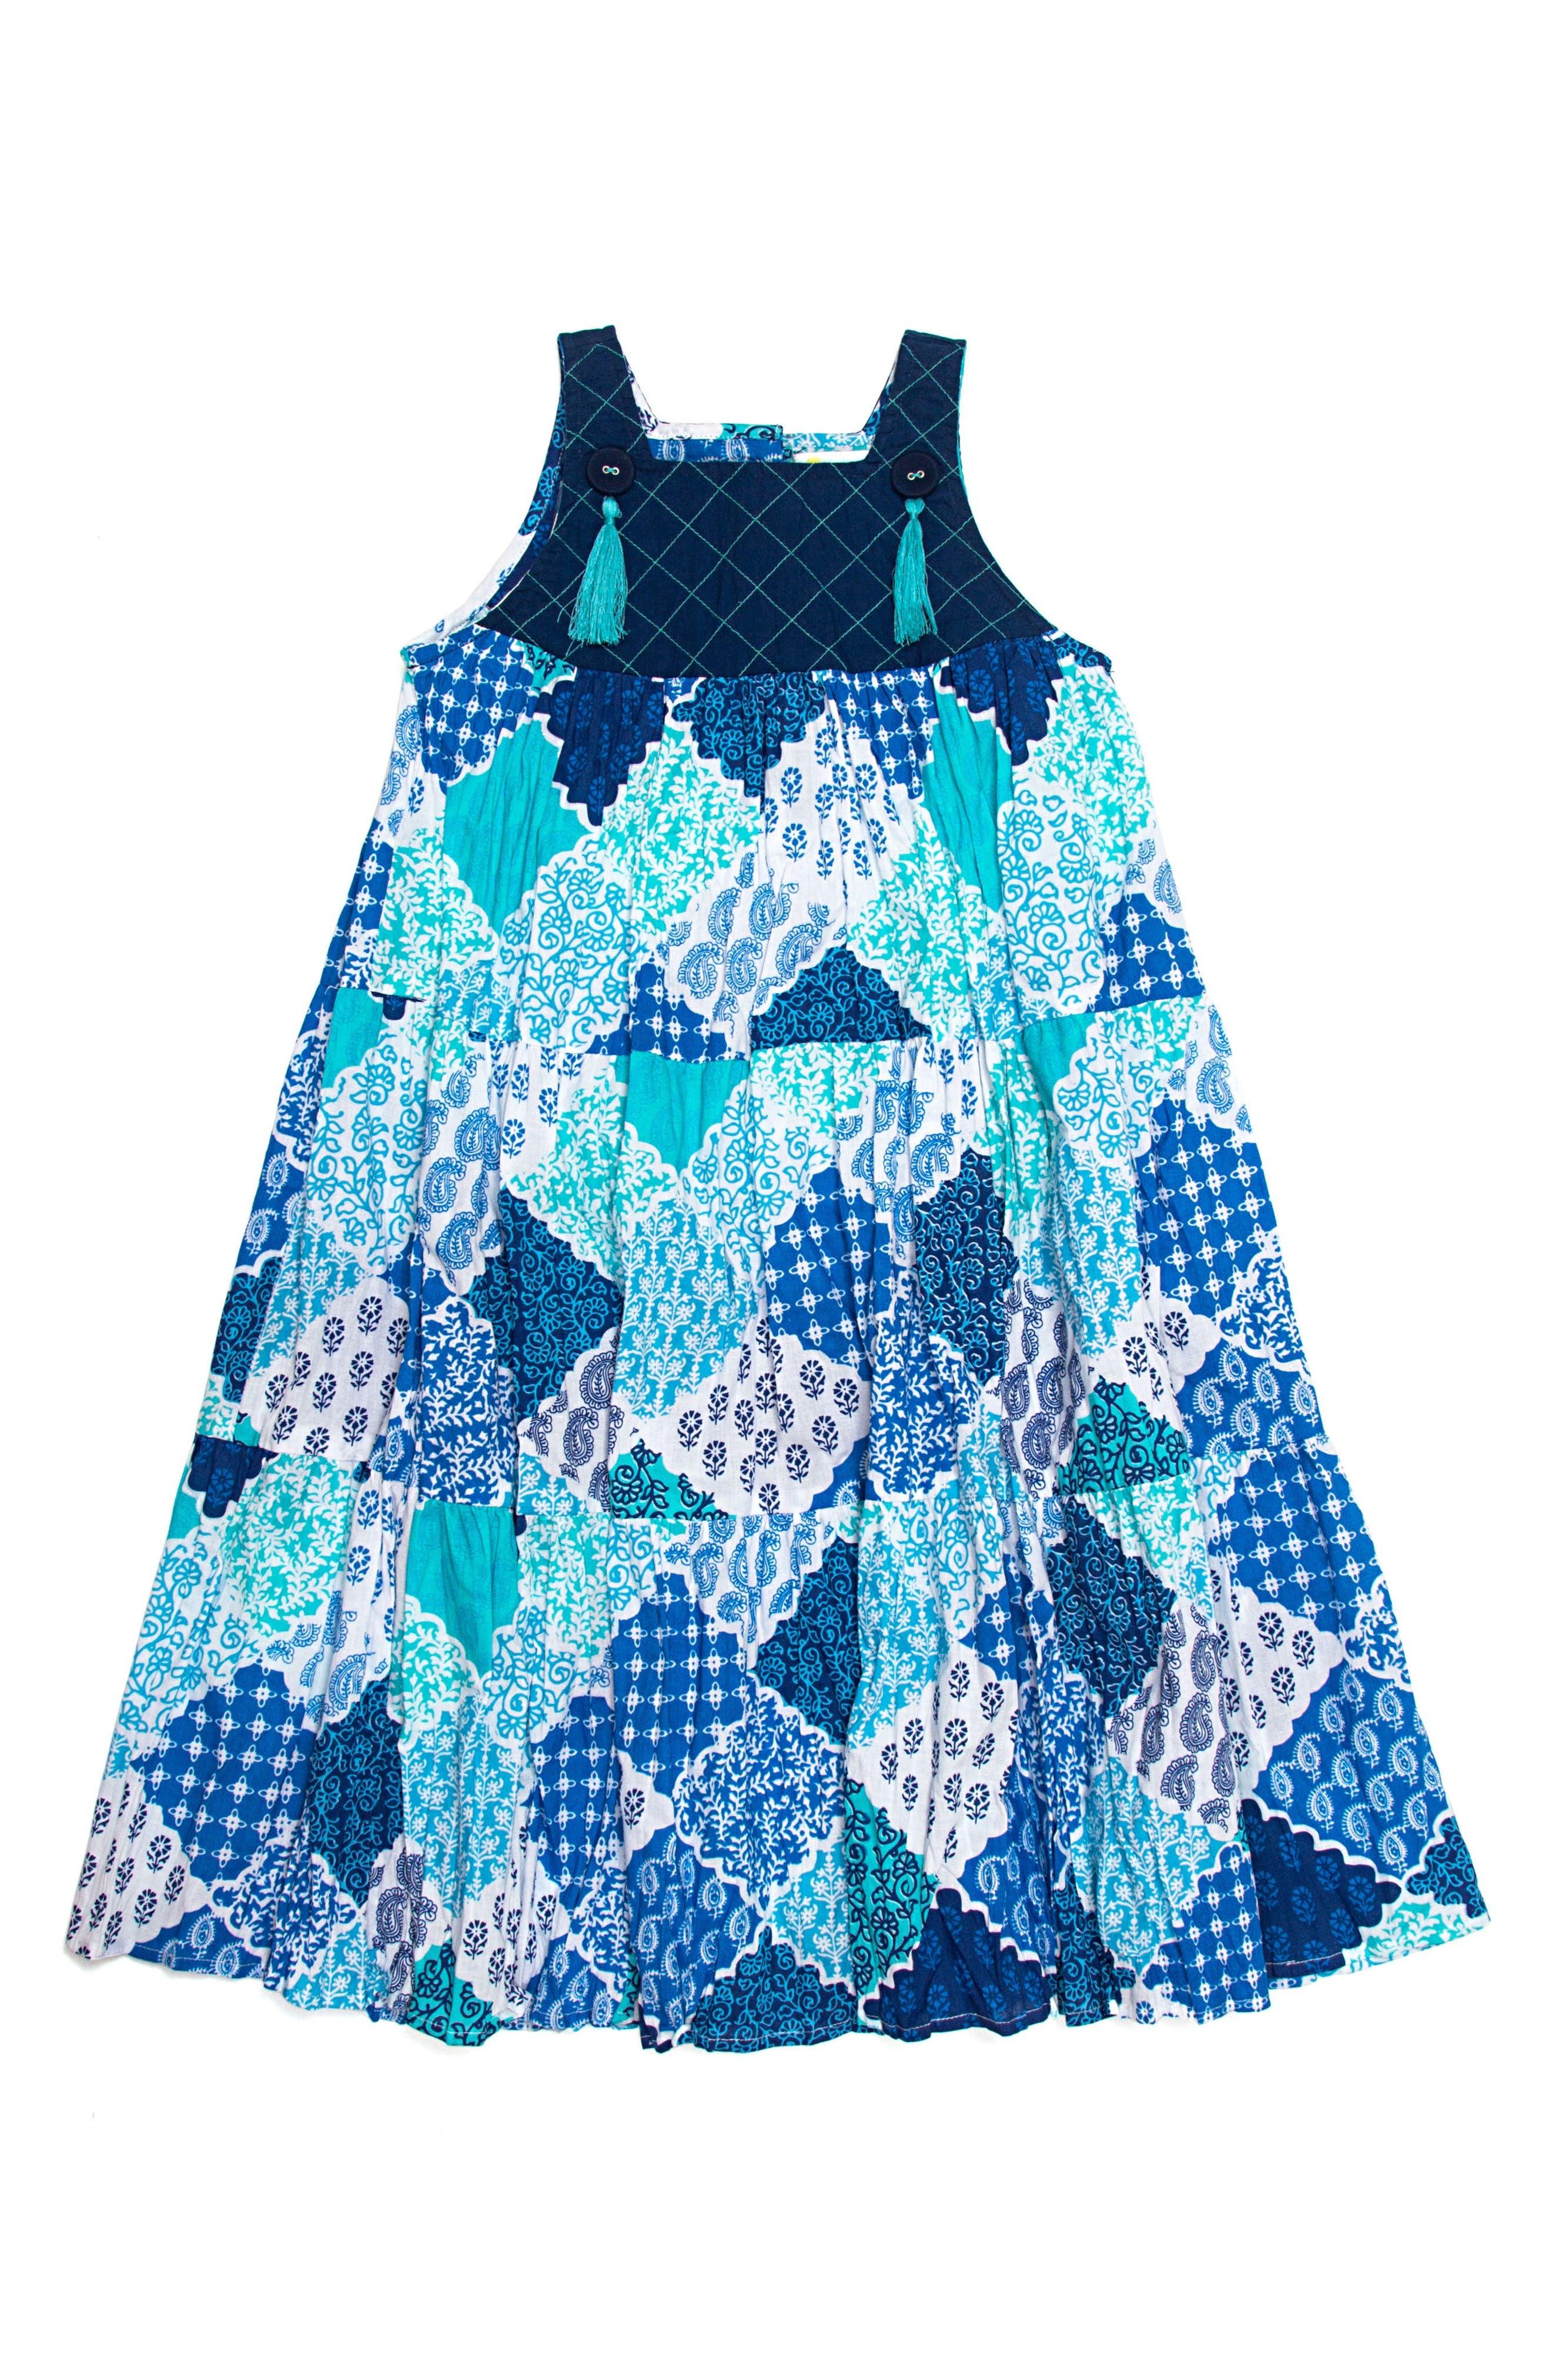 Main Image - Masalababy Ayu Dress (Toddler Girls, Little Girls & Big Girls)